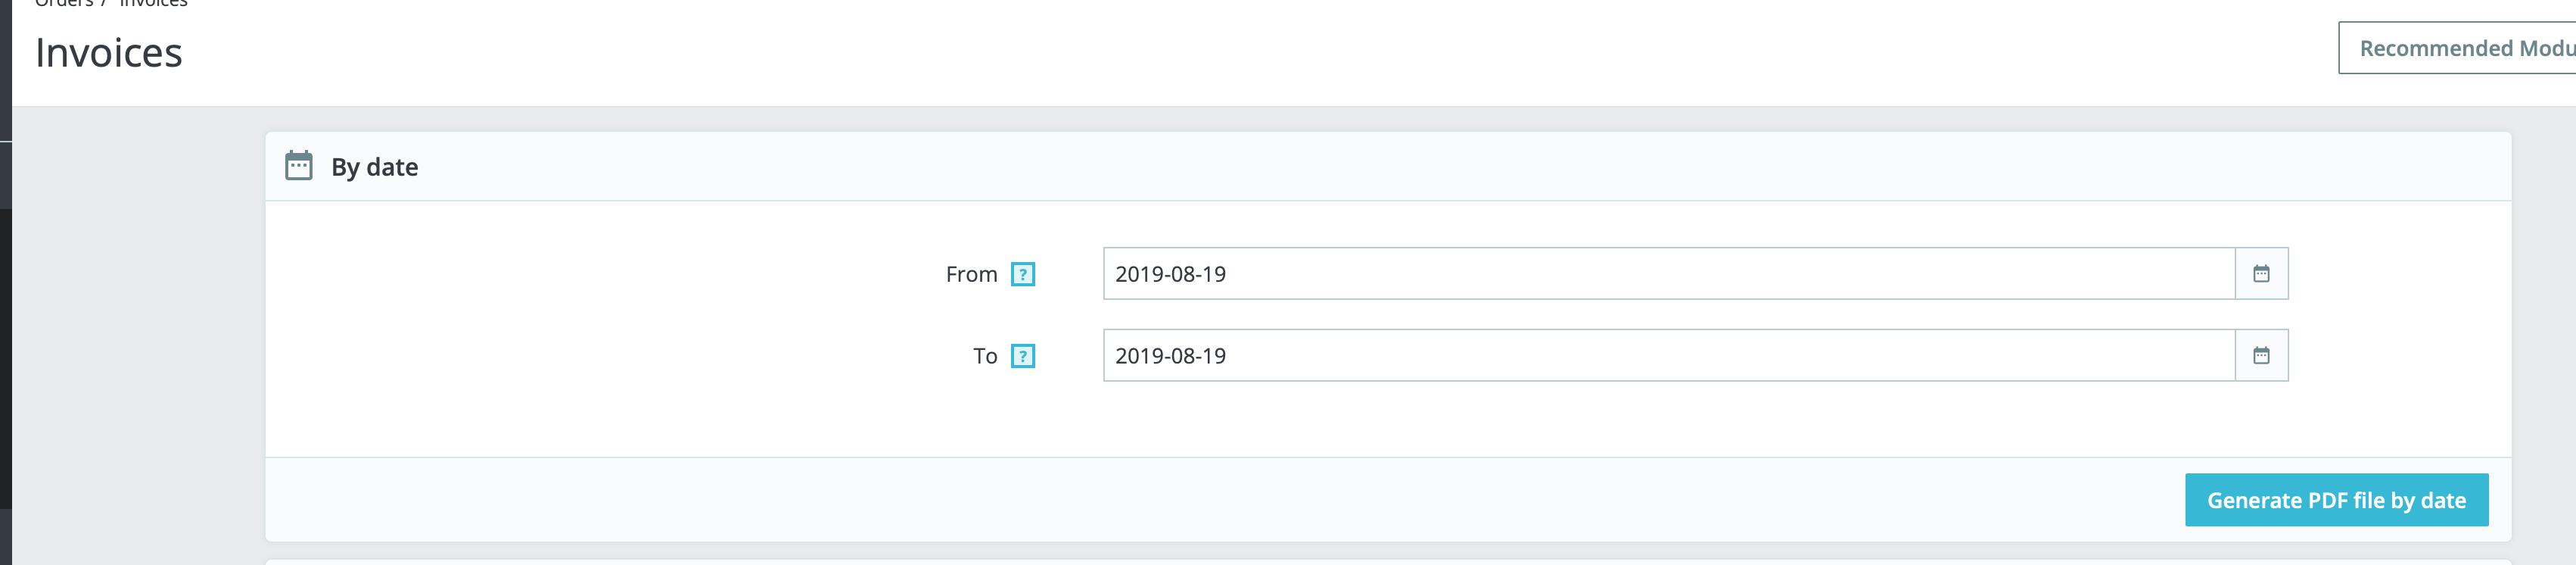 Screenshot 2019-08-19 at 12 16 04